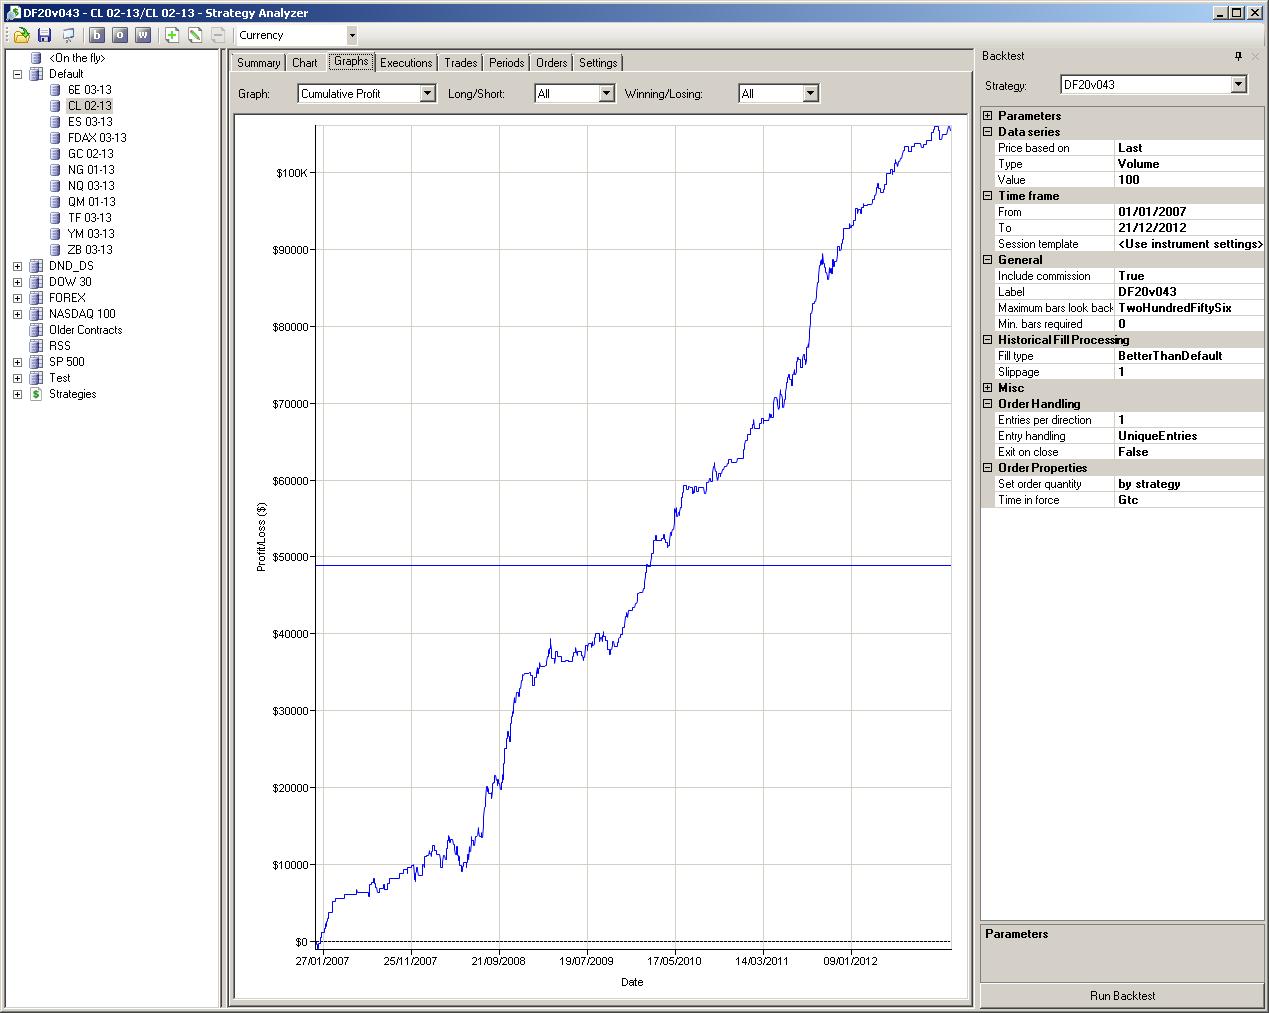 df20v043 config3 112007 12212012 graph